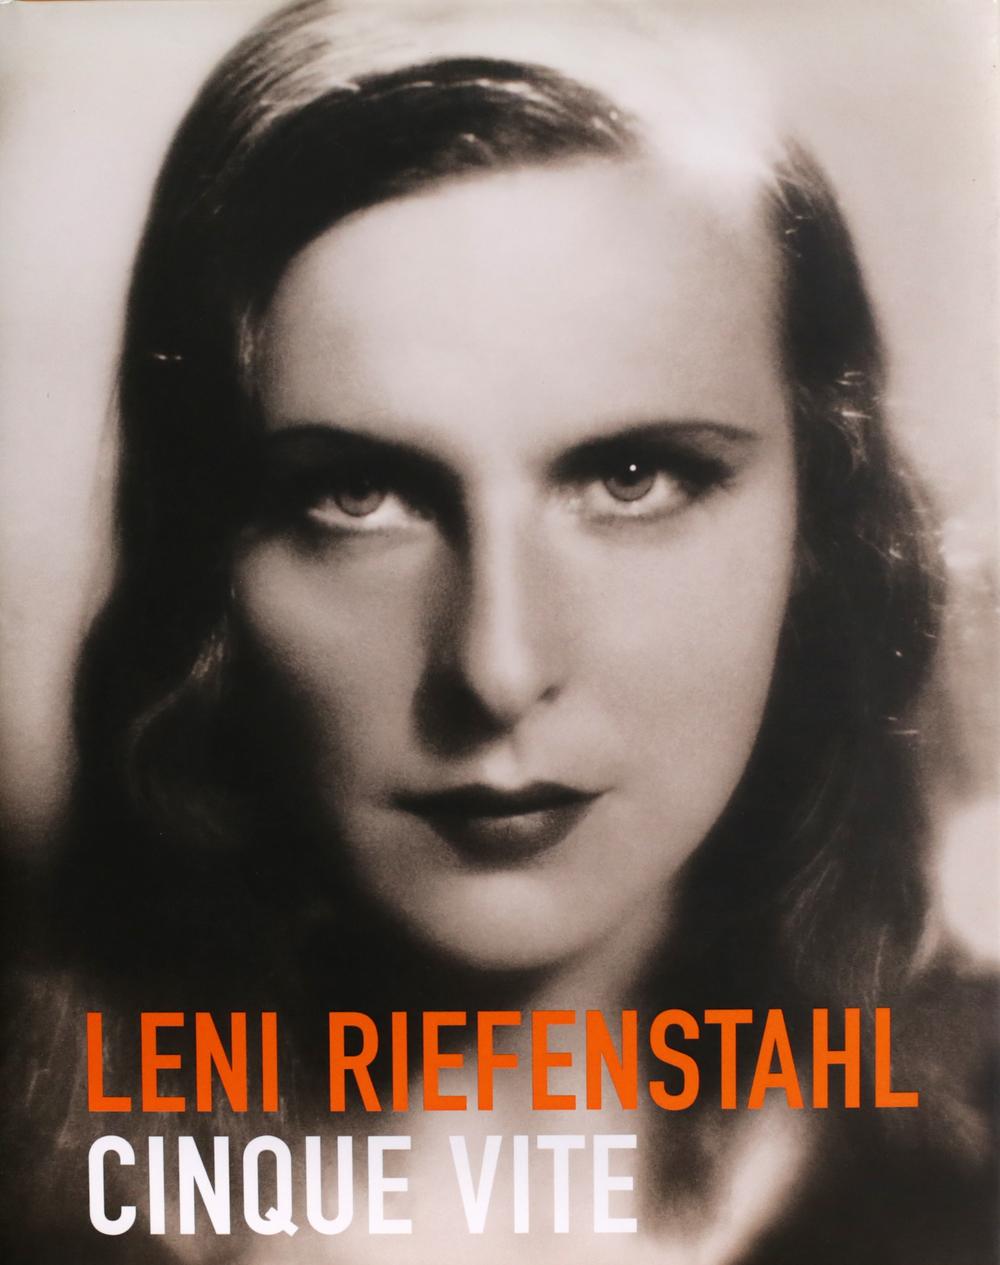 Leni Riefenstahl  - Cinque vite